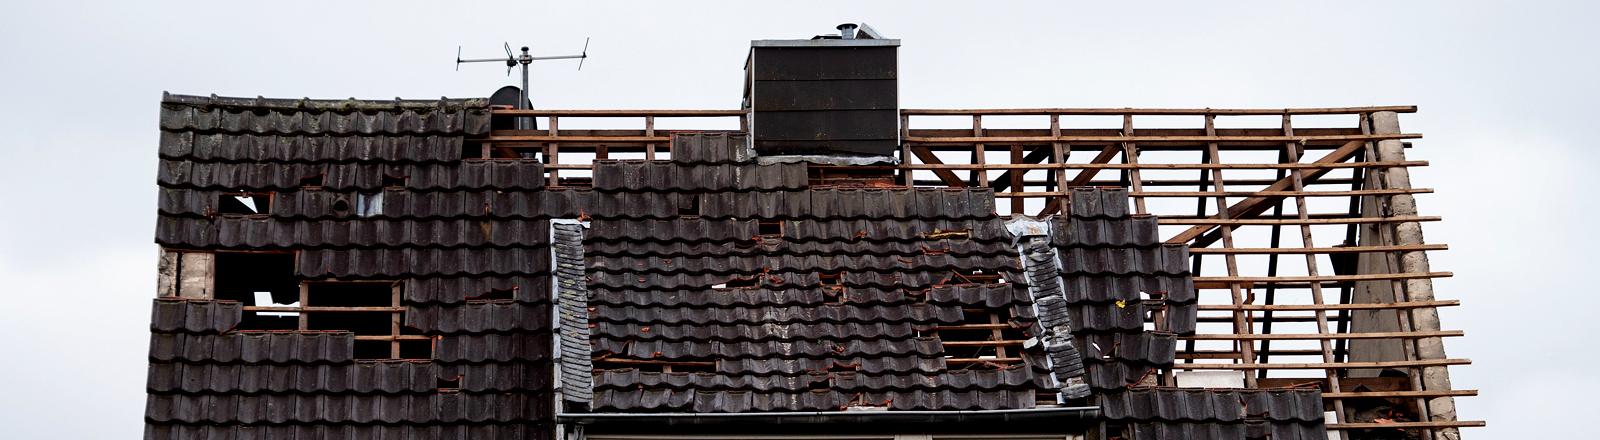 Dach, von dem zum Teil nur noch das Gerippe steht - nach einem Tornado.